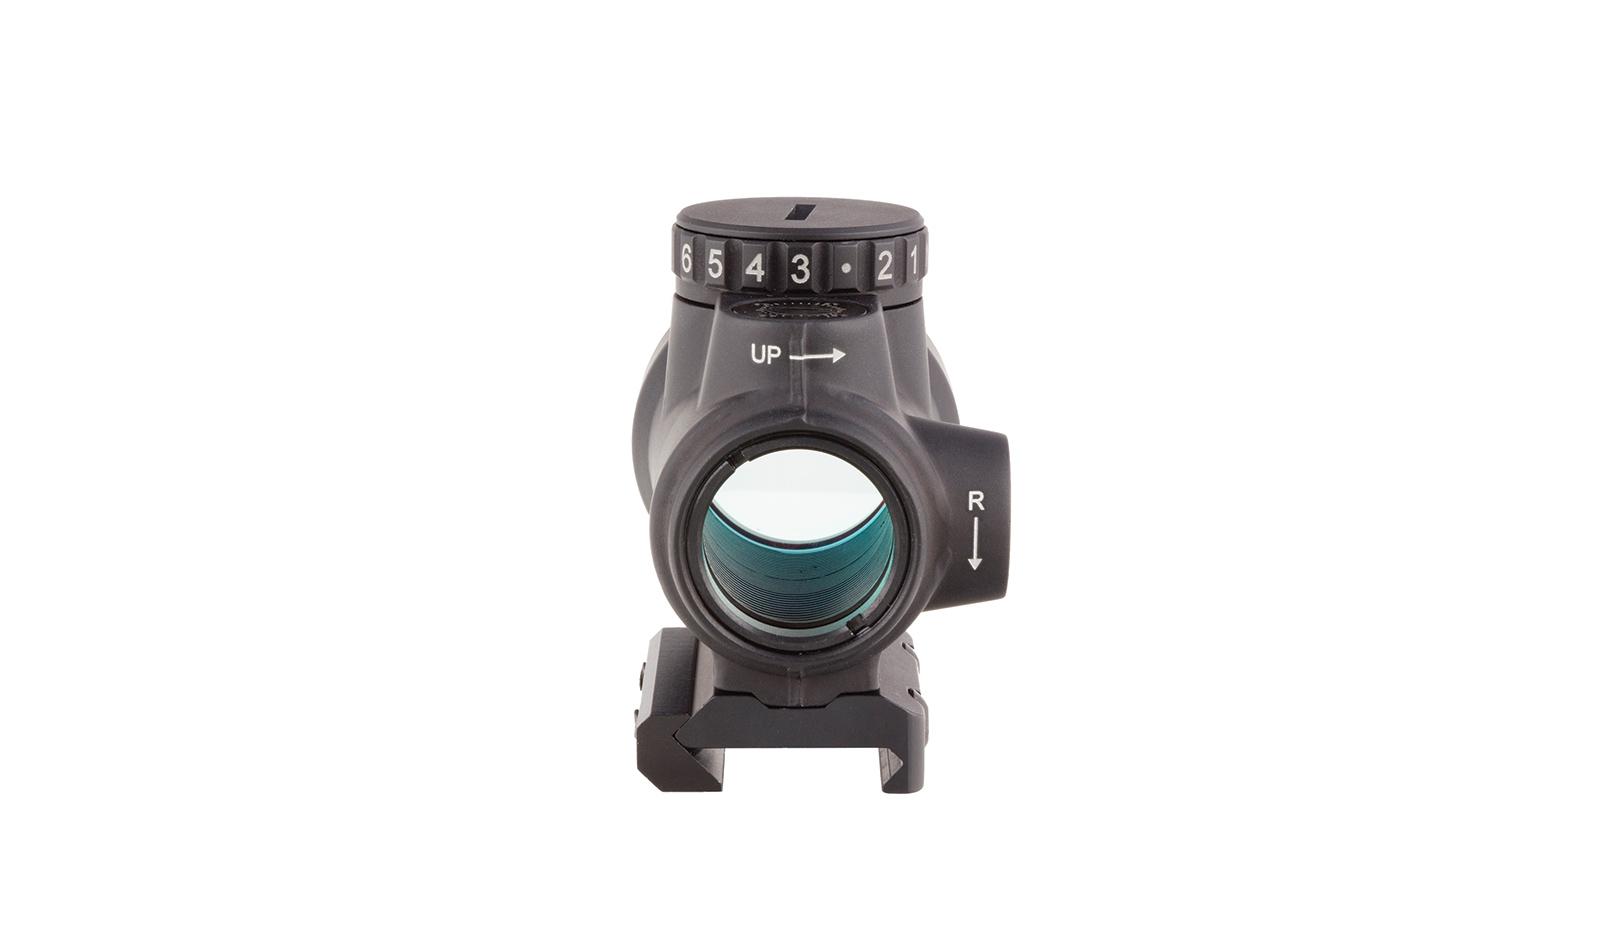 MRO-C-2200004 angle 4